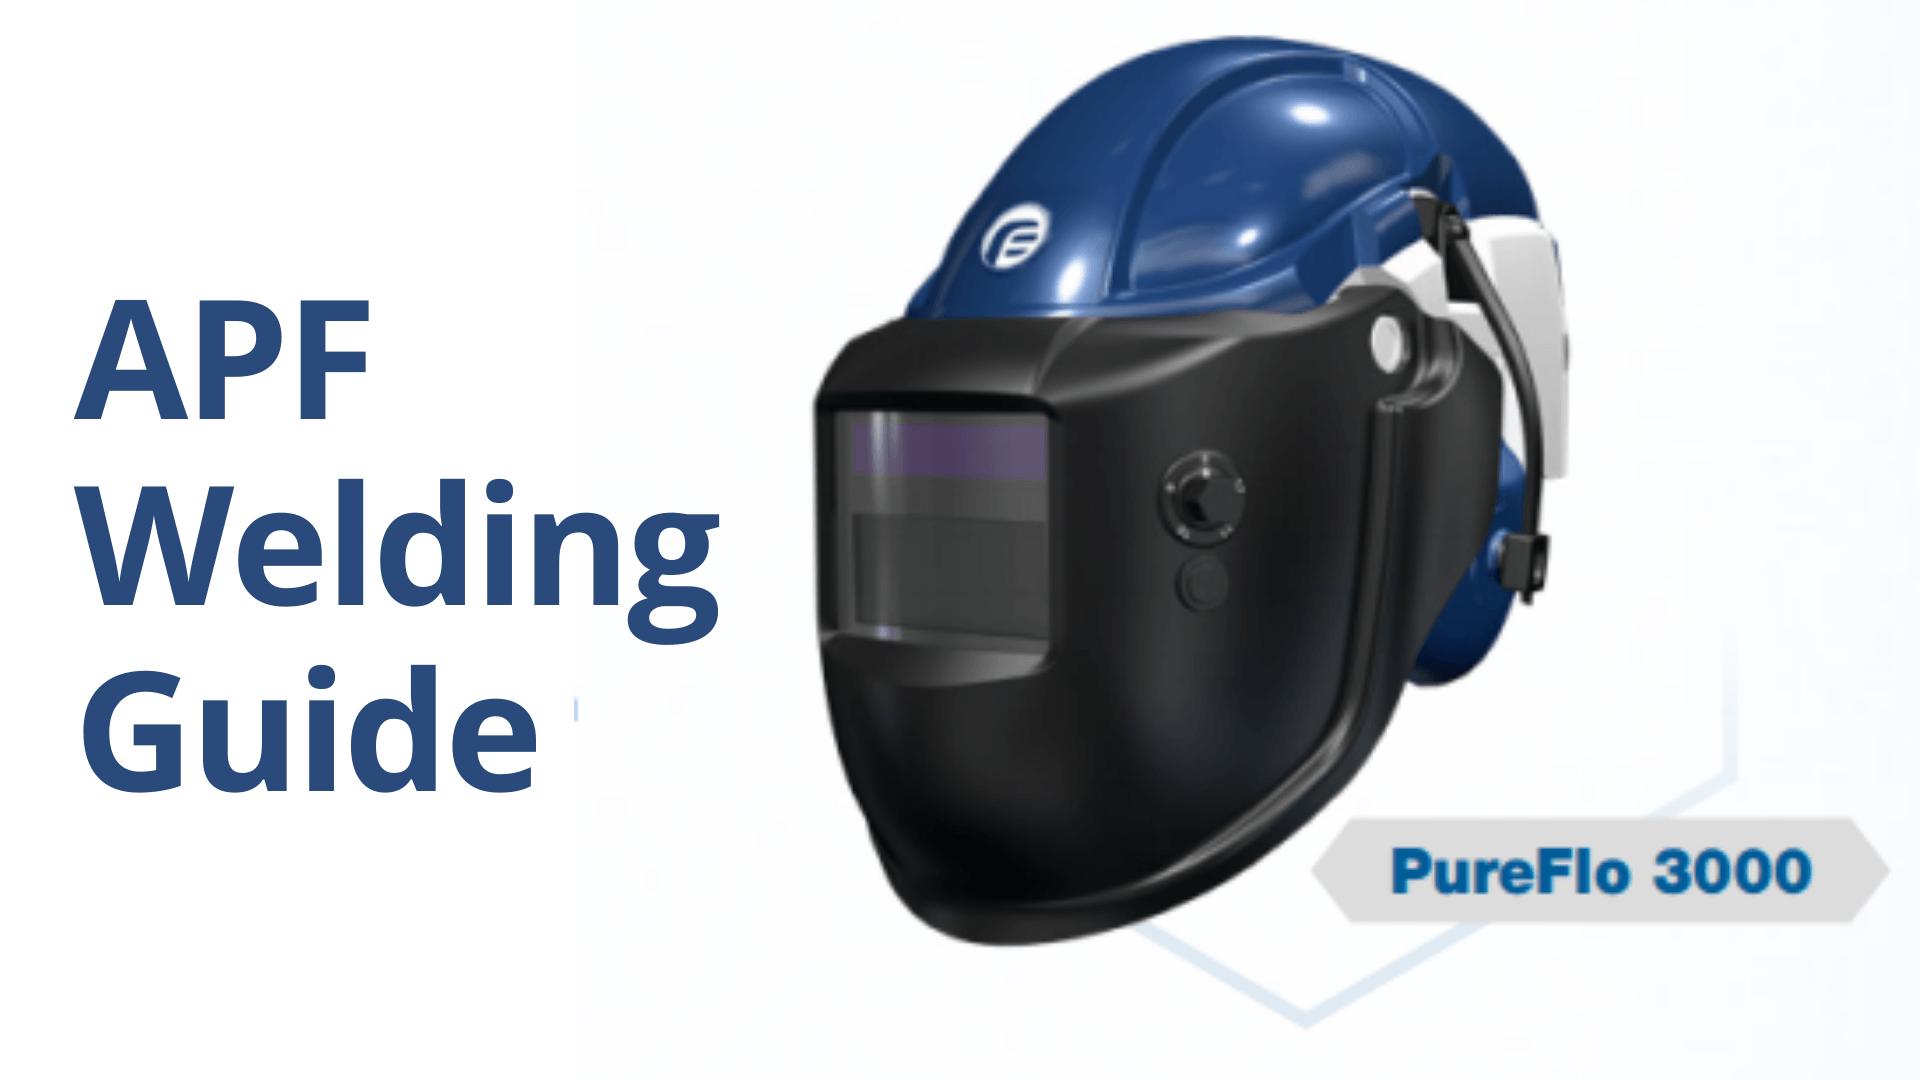 APF Welding Guide